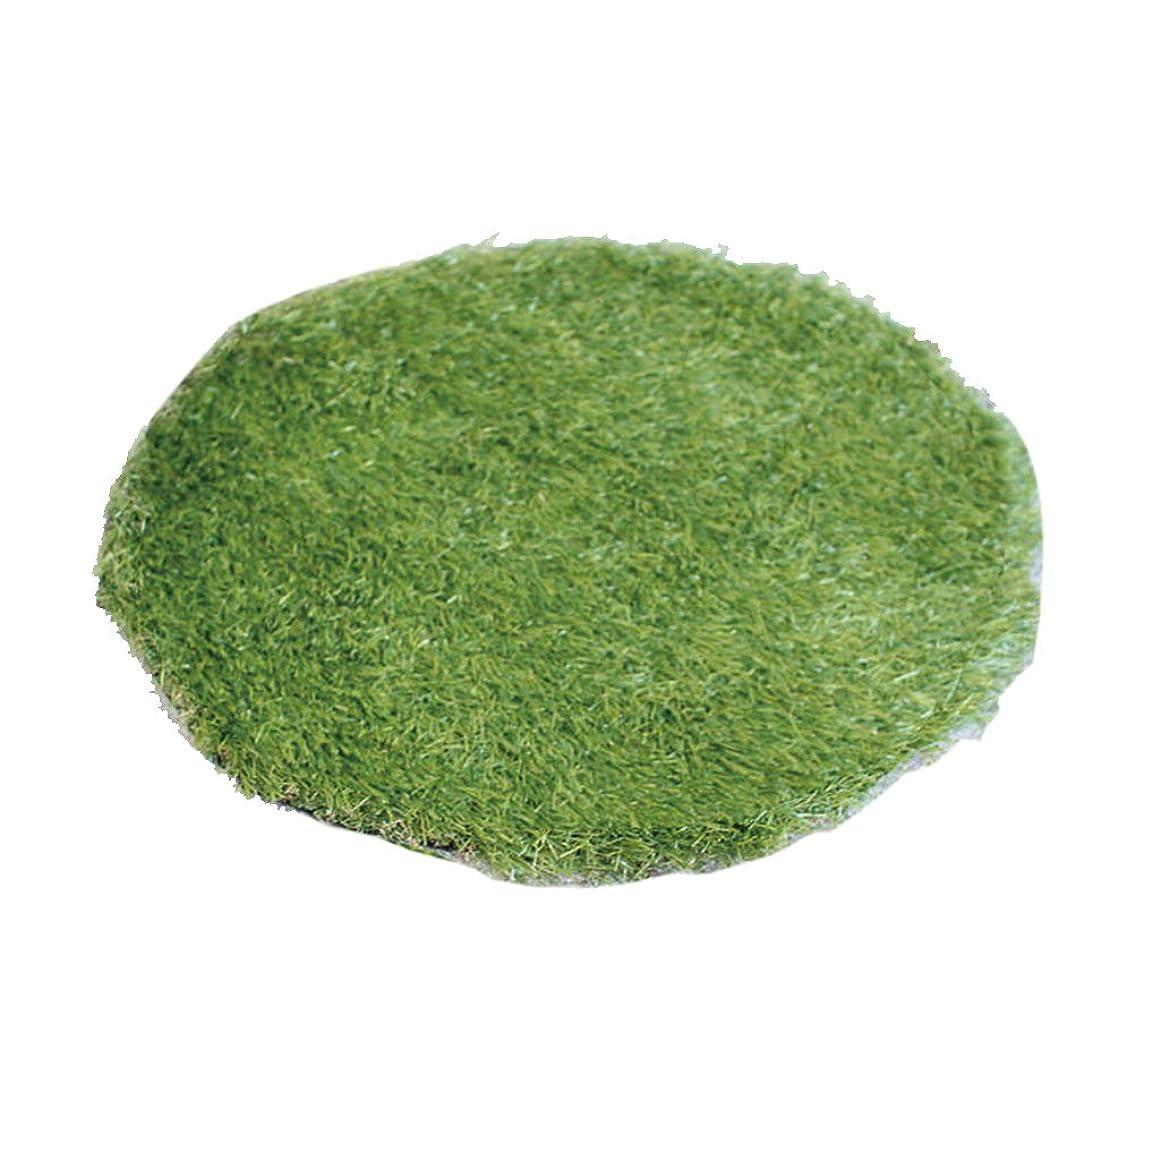 優しさ地平線許すSPICE OF LIFE 人工芝 フェイクグラスマット 円 ラウンド Sサイズ 直径45cm 芝生マット SGDS2031